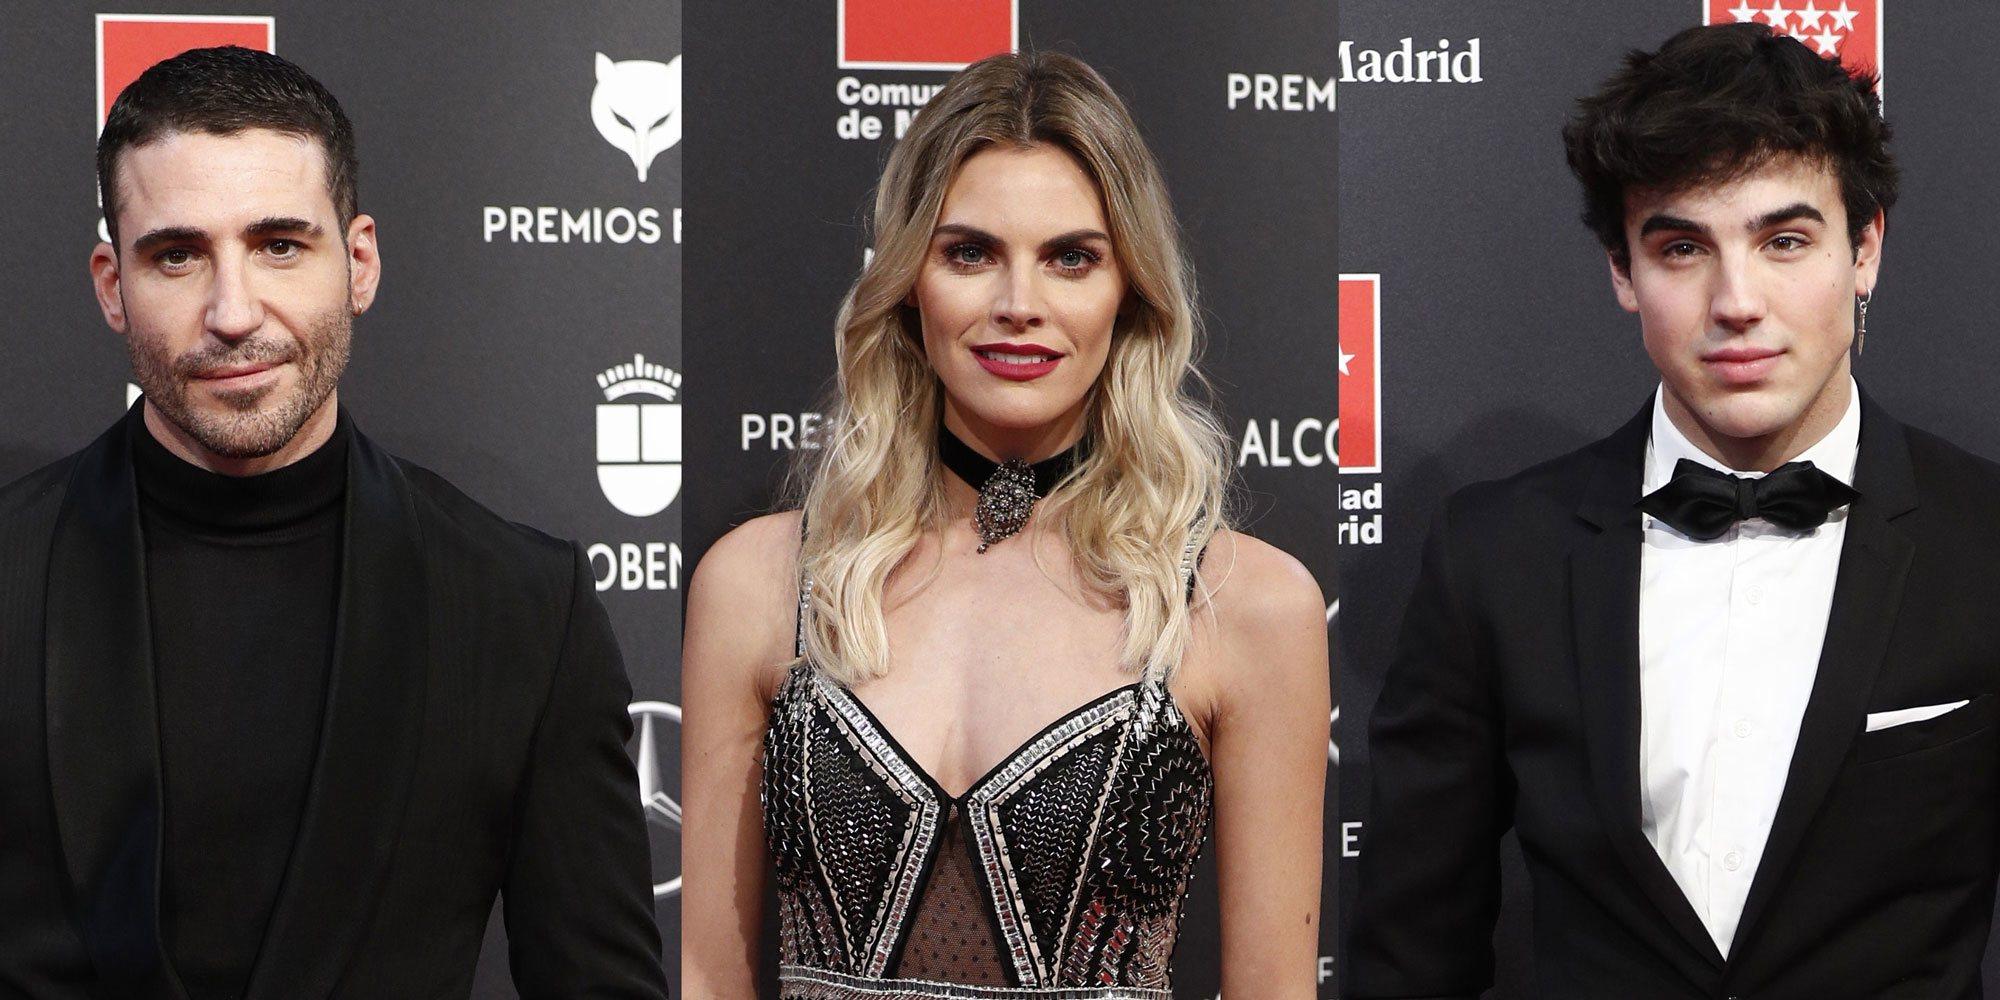 Miguel Ángel Silvestre, Amaia Salamanca y Óscar Casas brillan en la alfombra roja Premios Feroz 2020